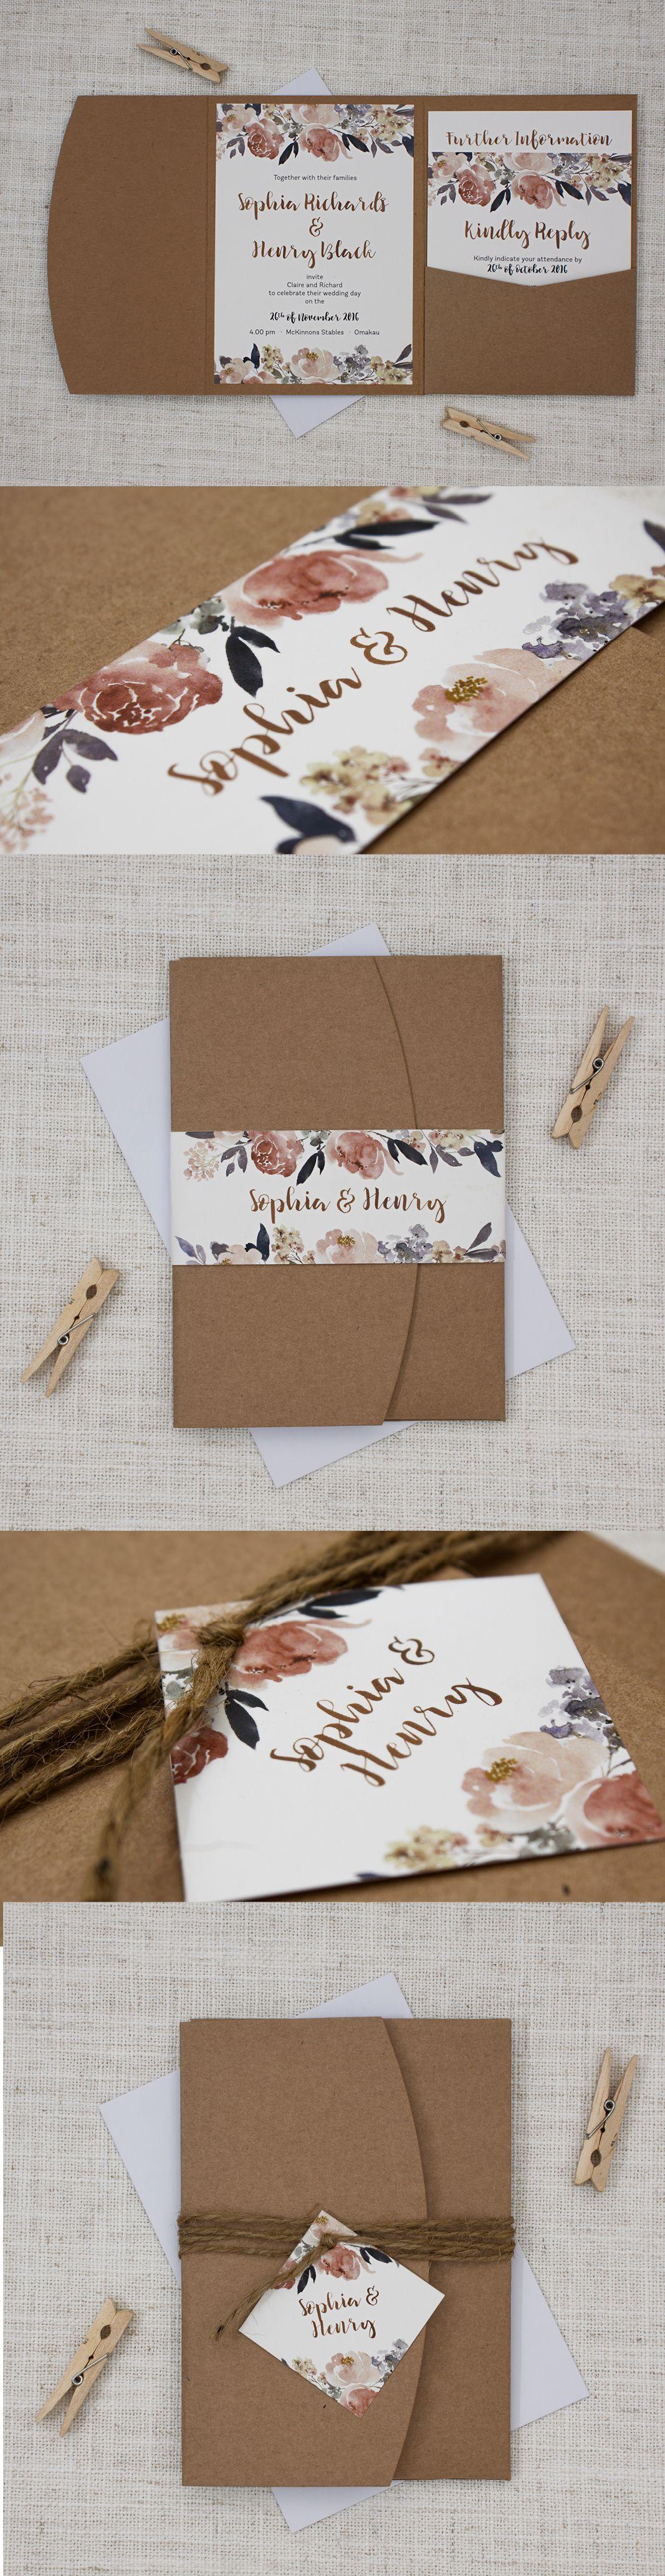 how to diy pocket invitations the easy way free invitation